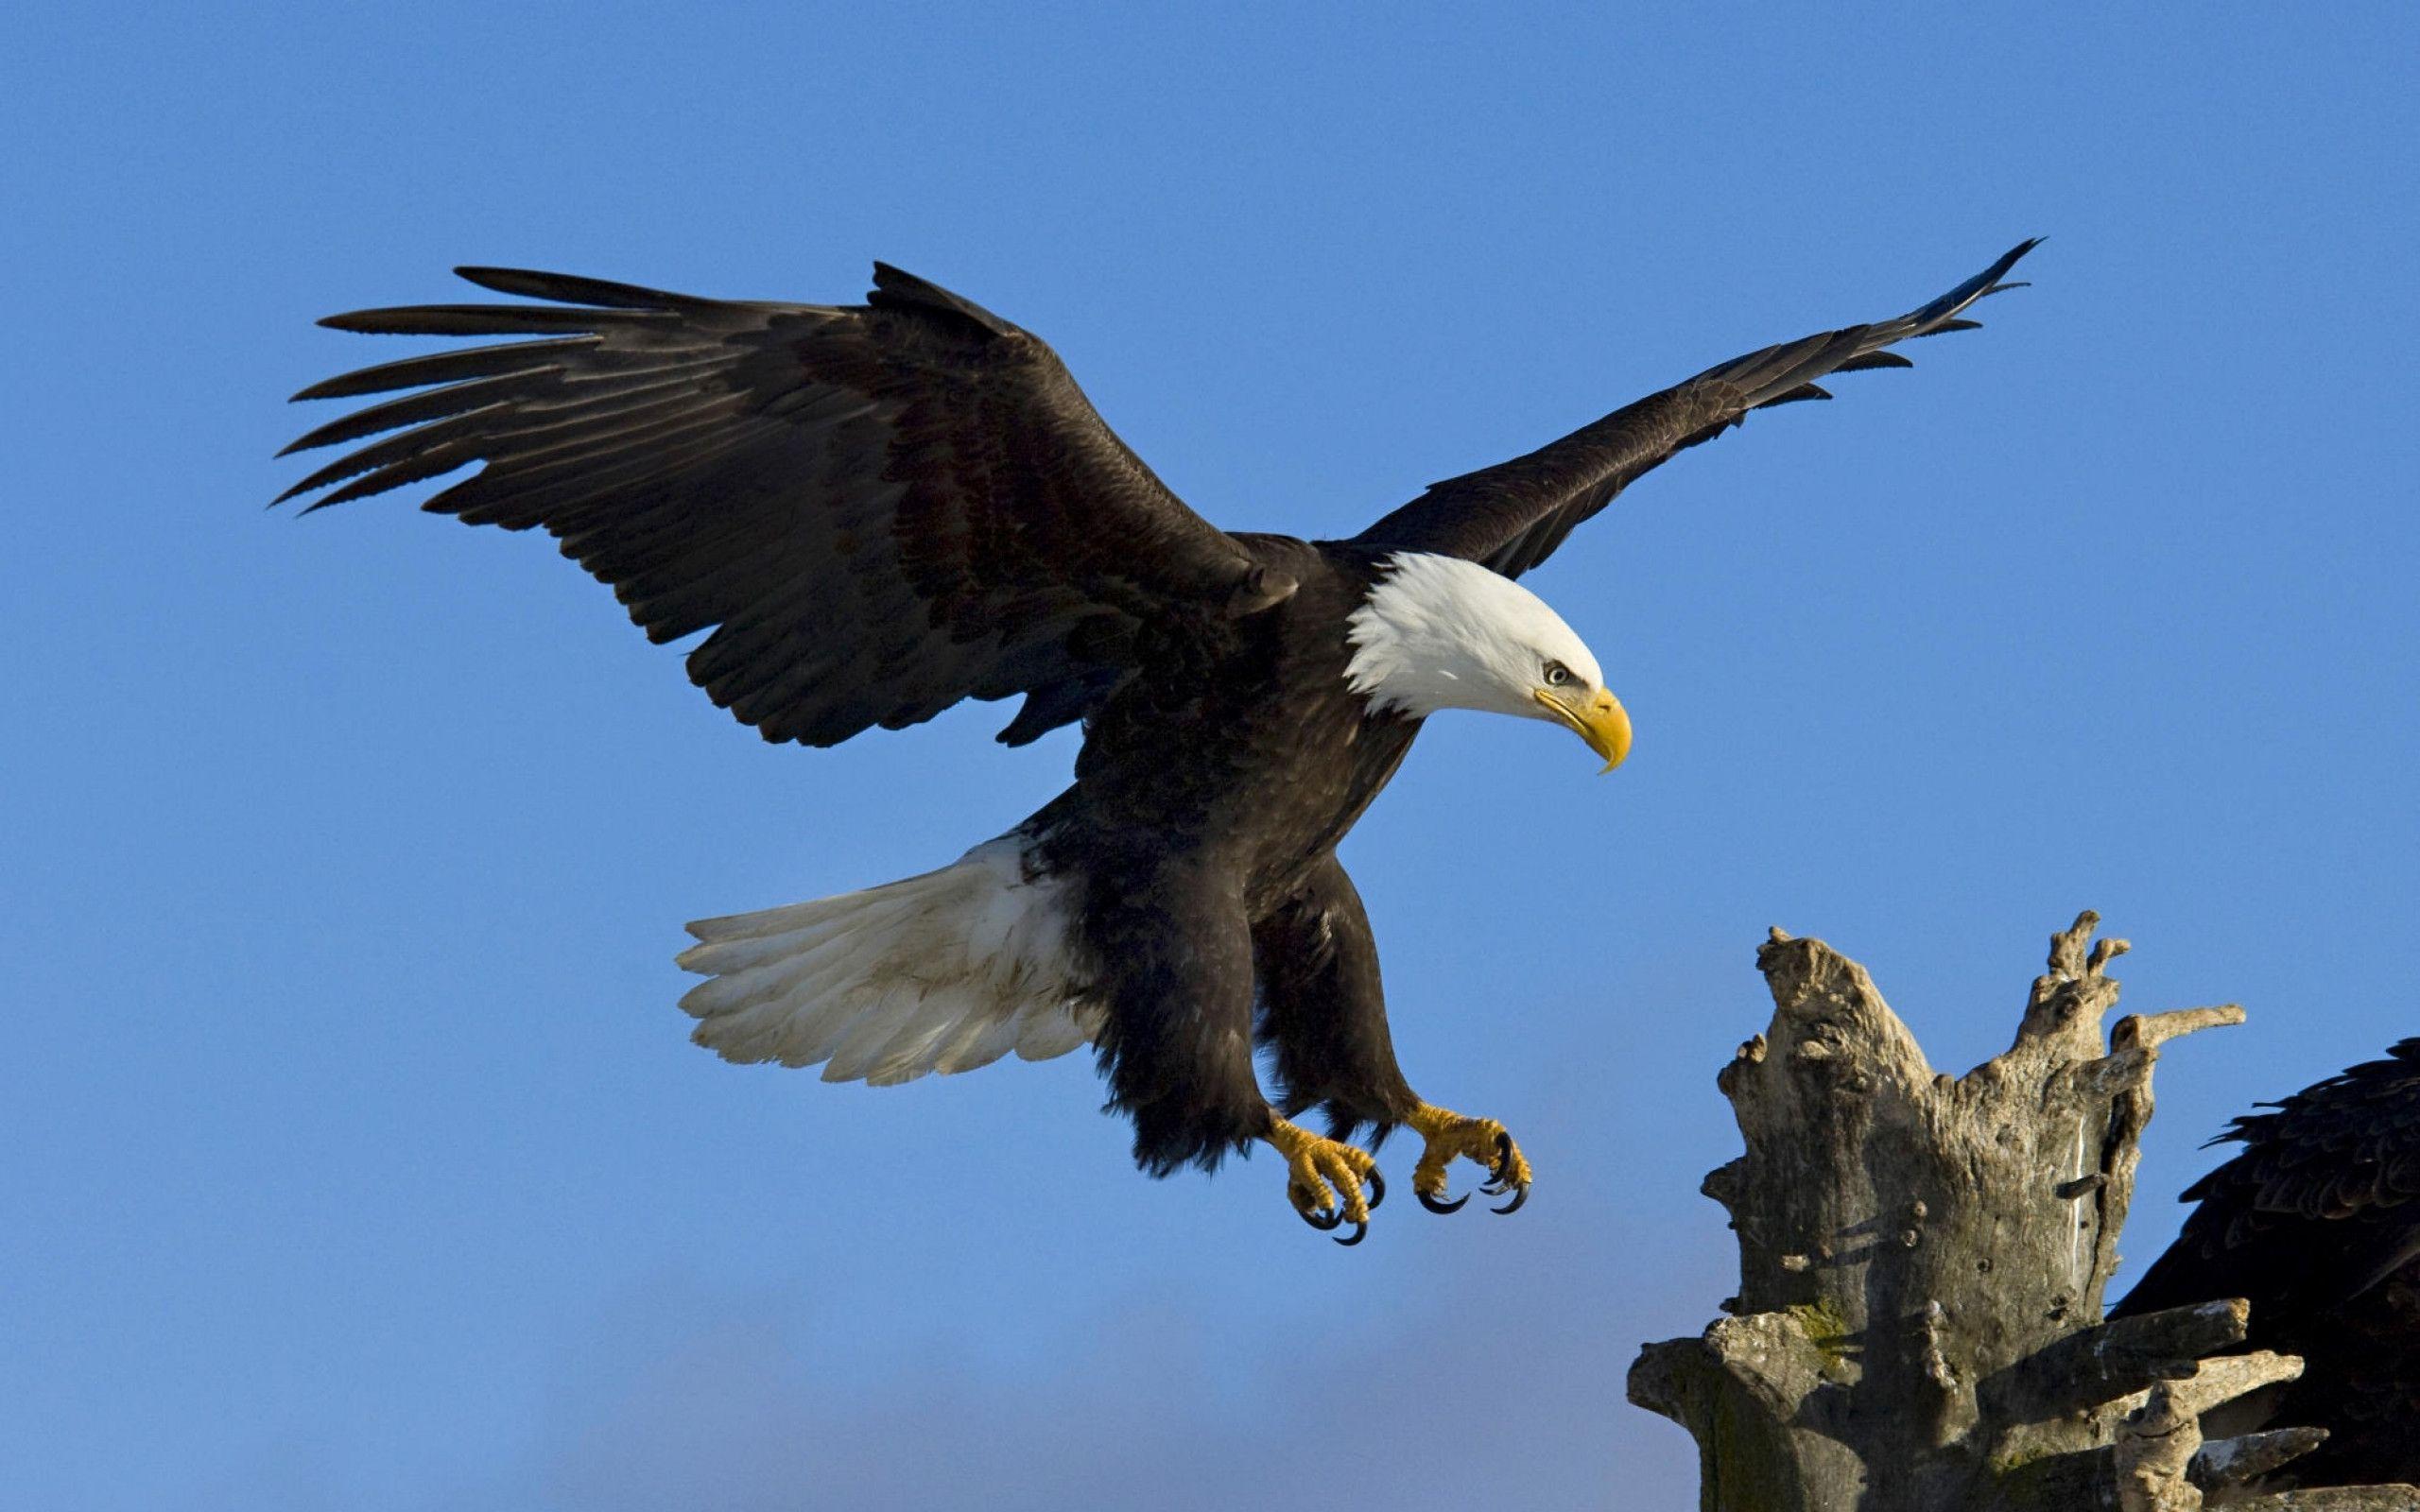 Hd Eagle Bird Wallpapers Bald Eagle Eagle Wallpaper Eagle Eagle bird full hd wallpapers